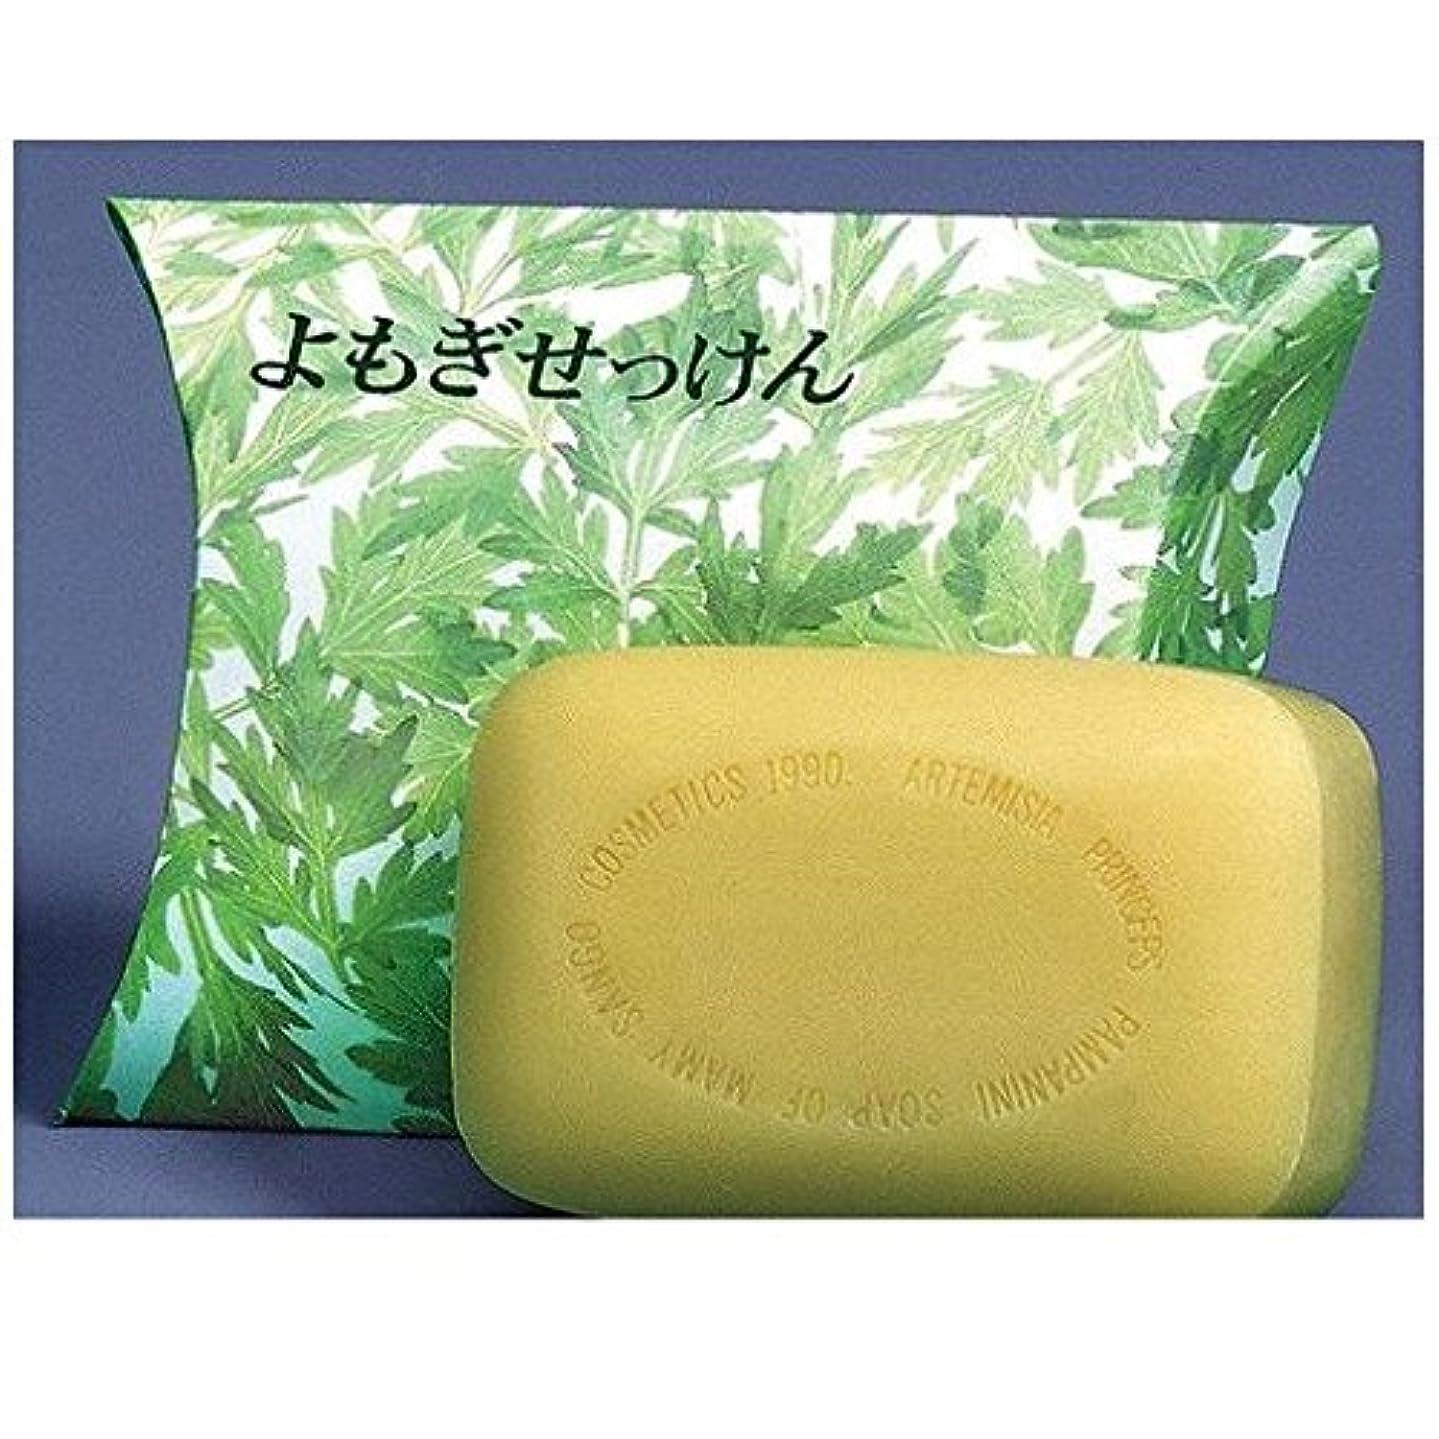 AS01737 よもぎ石鹸 浴用石鹸